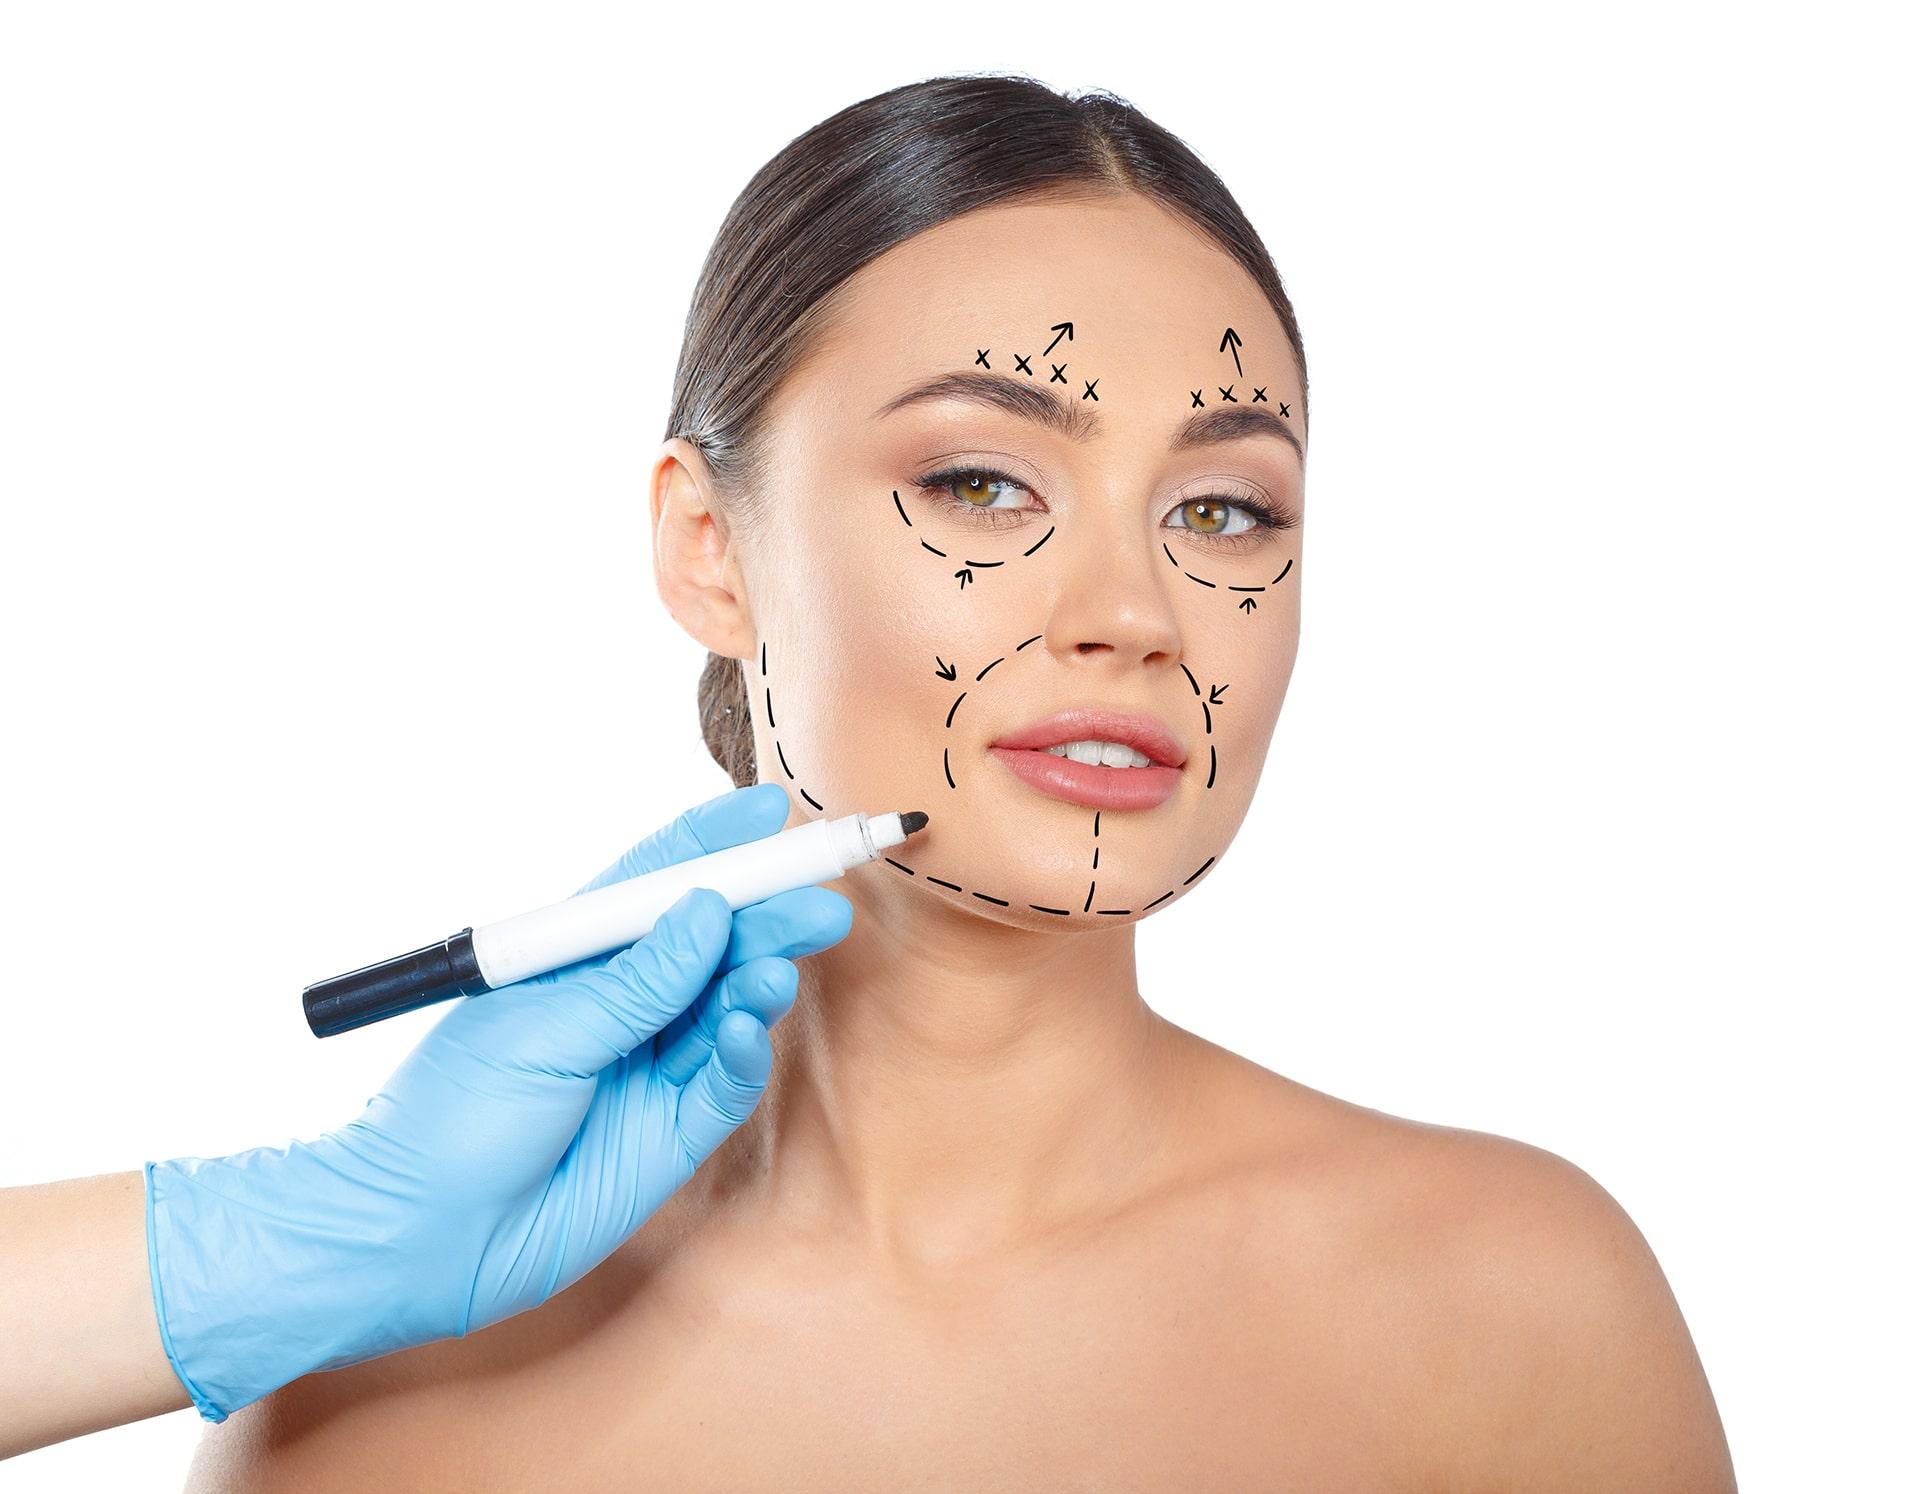 Resultados del lifting facial: Un lifting facial más duradero depende de usted